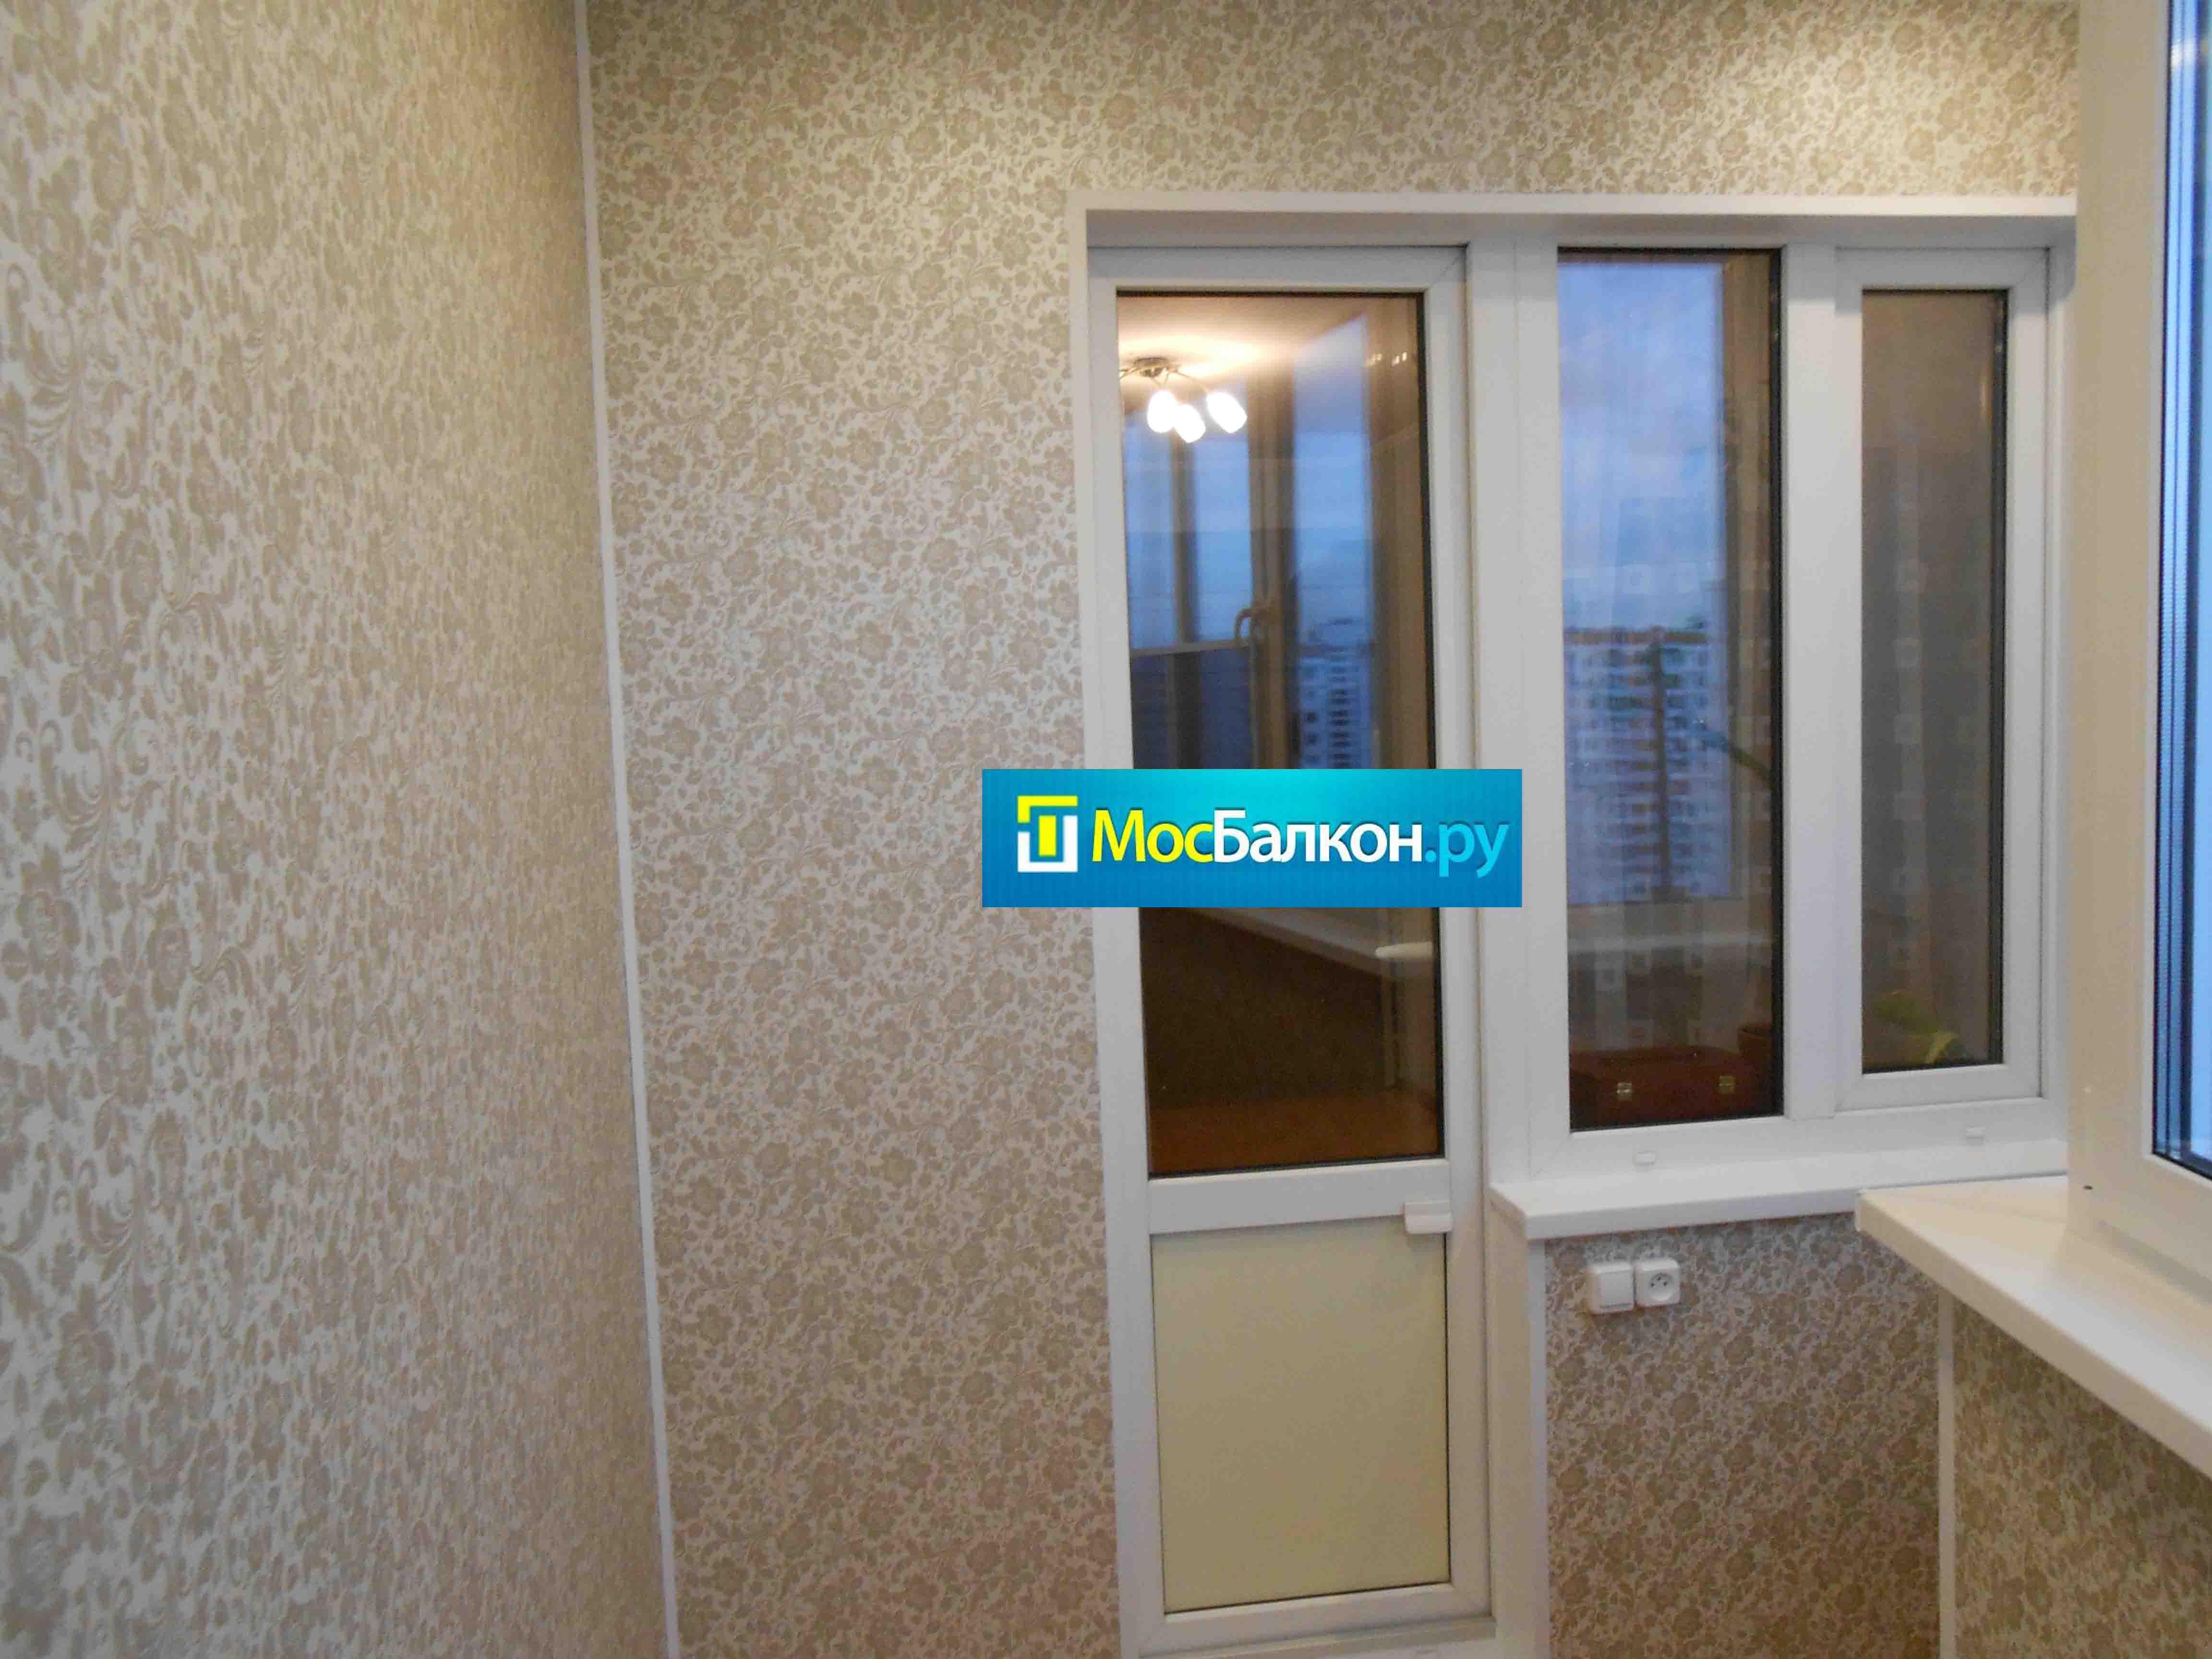 Отделка балкона панелями пвх мосбалкон.ру.